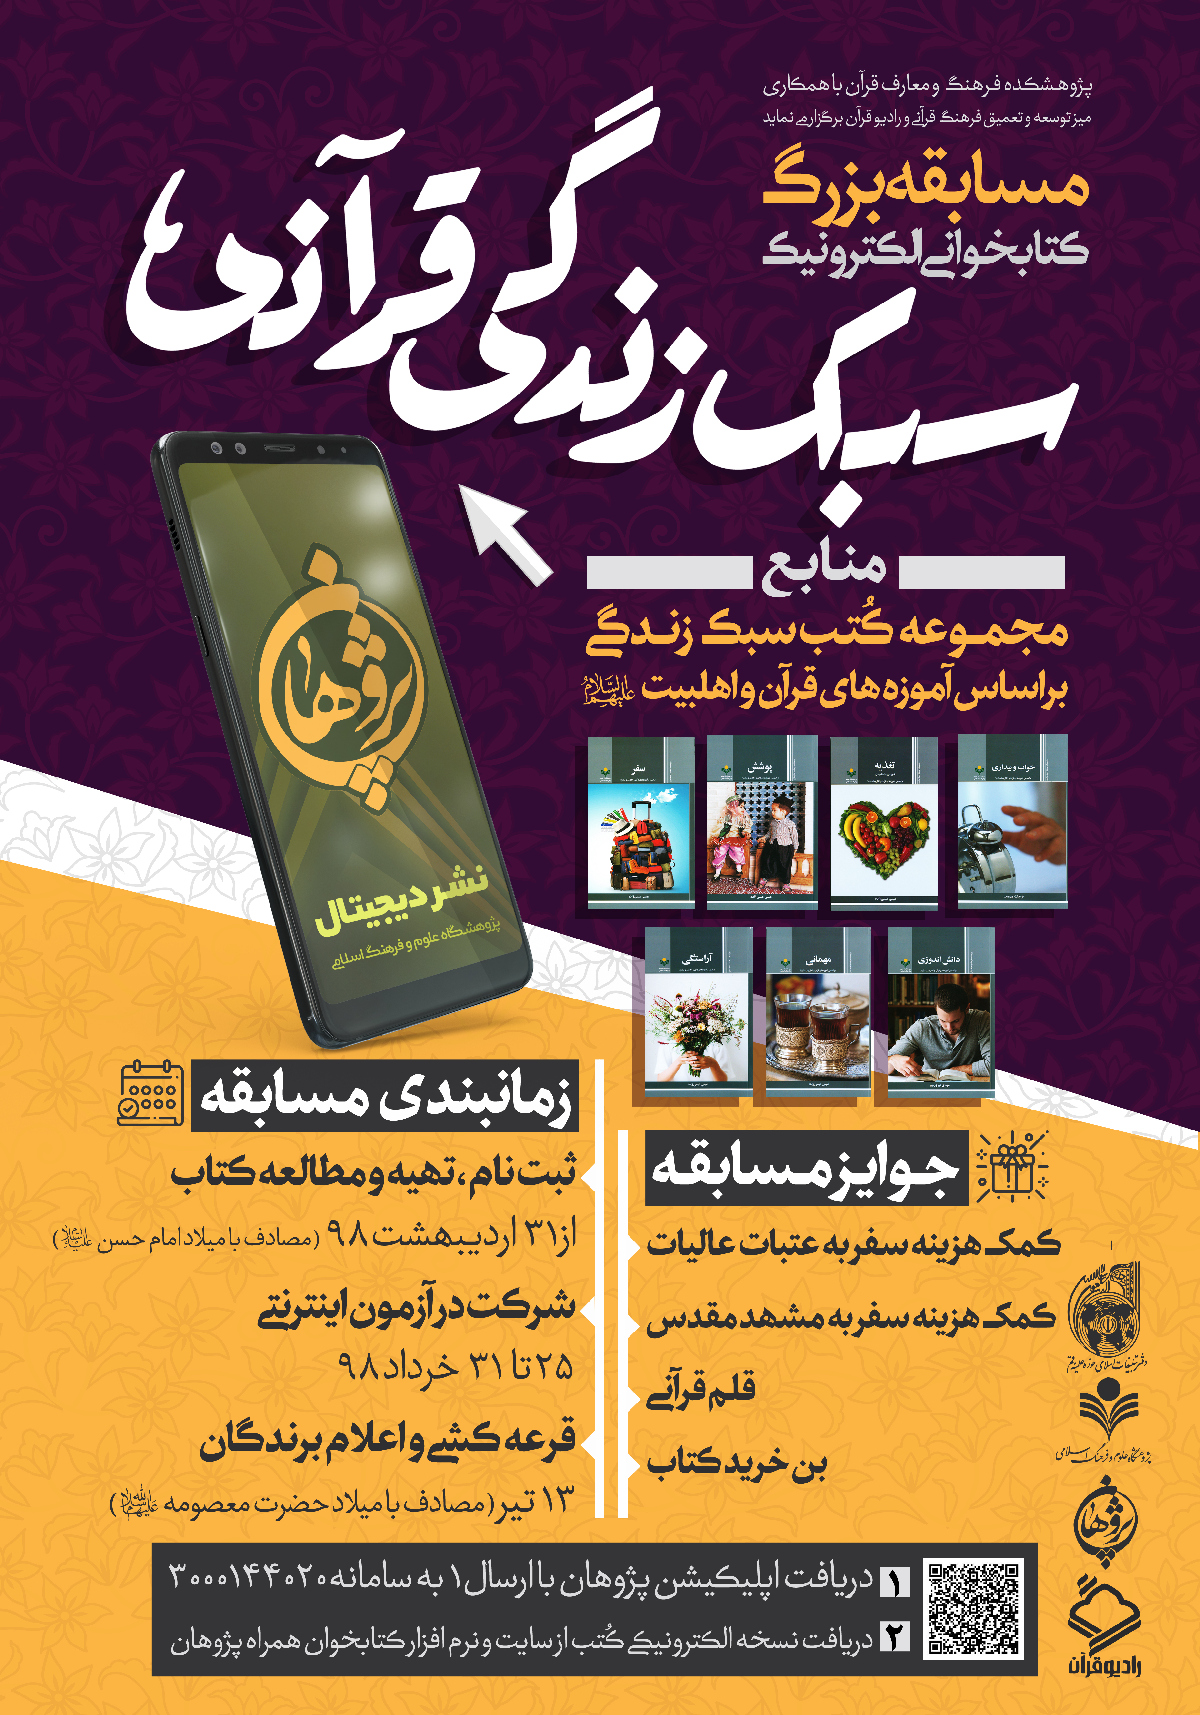 مسابقه کتابخوانی سبک زندگی قرآنی